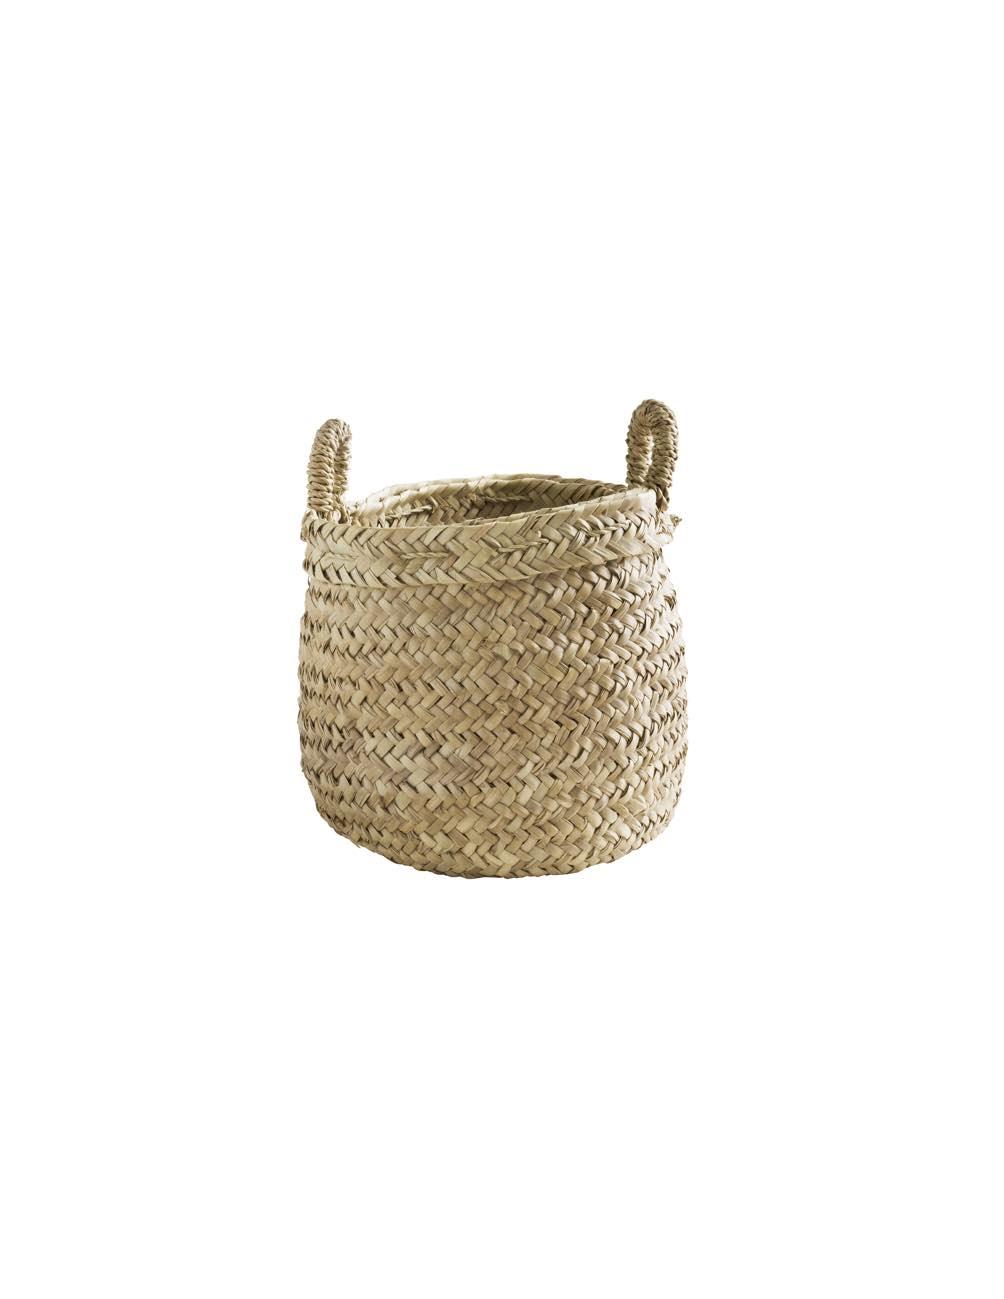 Medium Weaved basket with handles